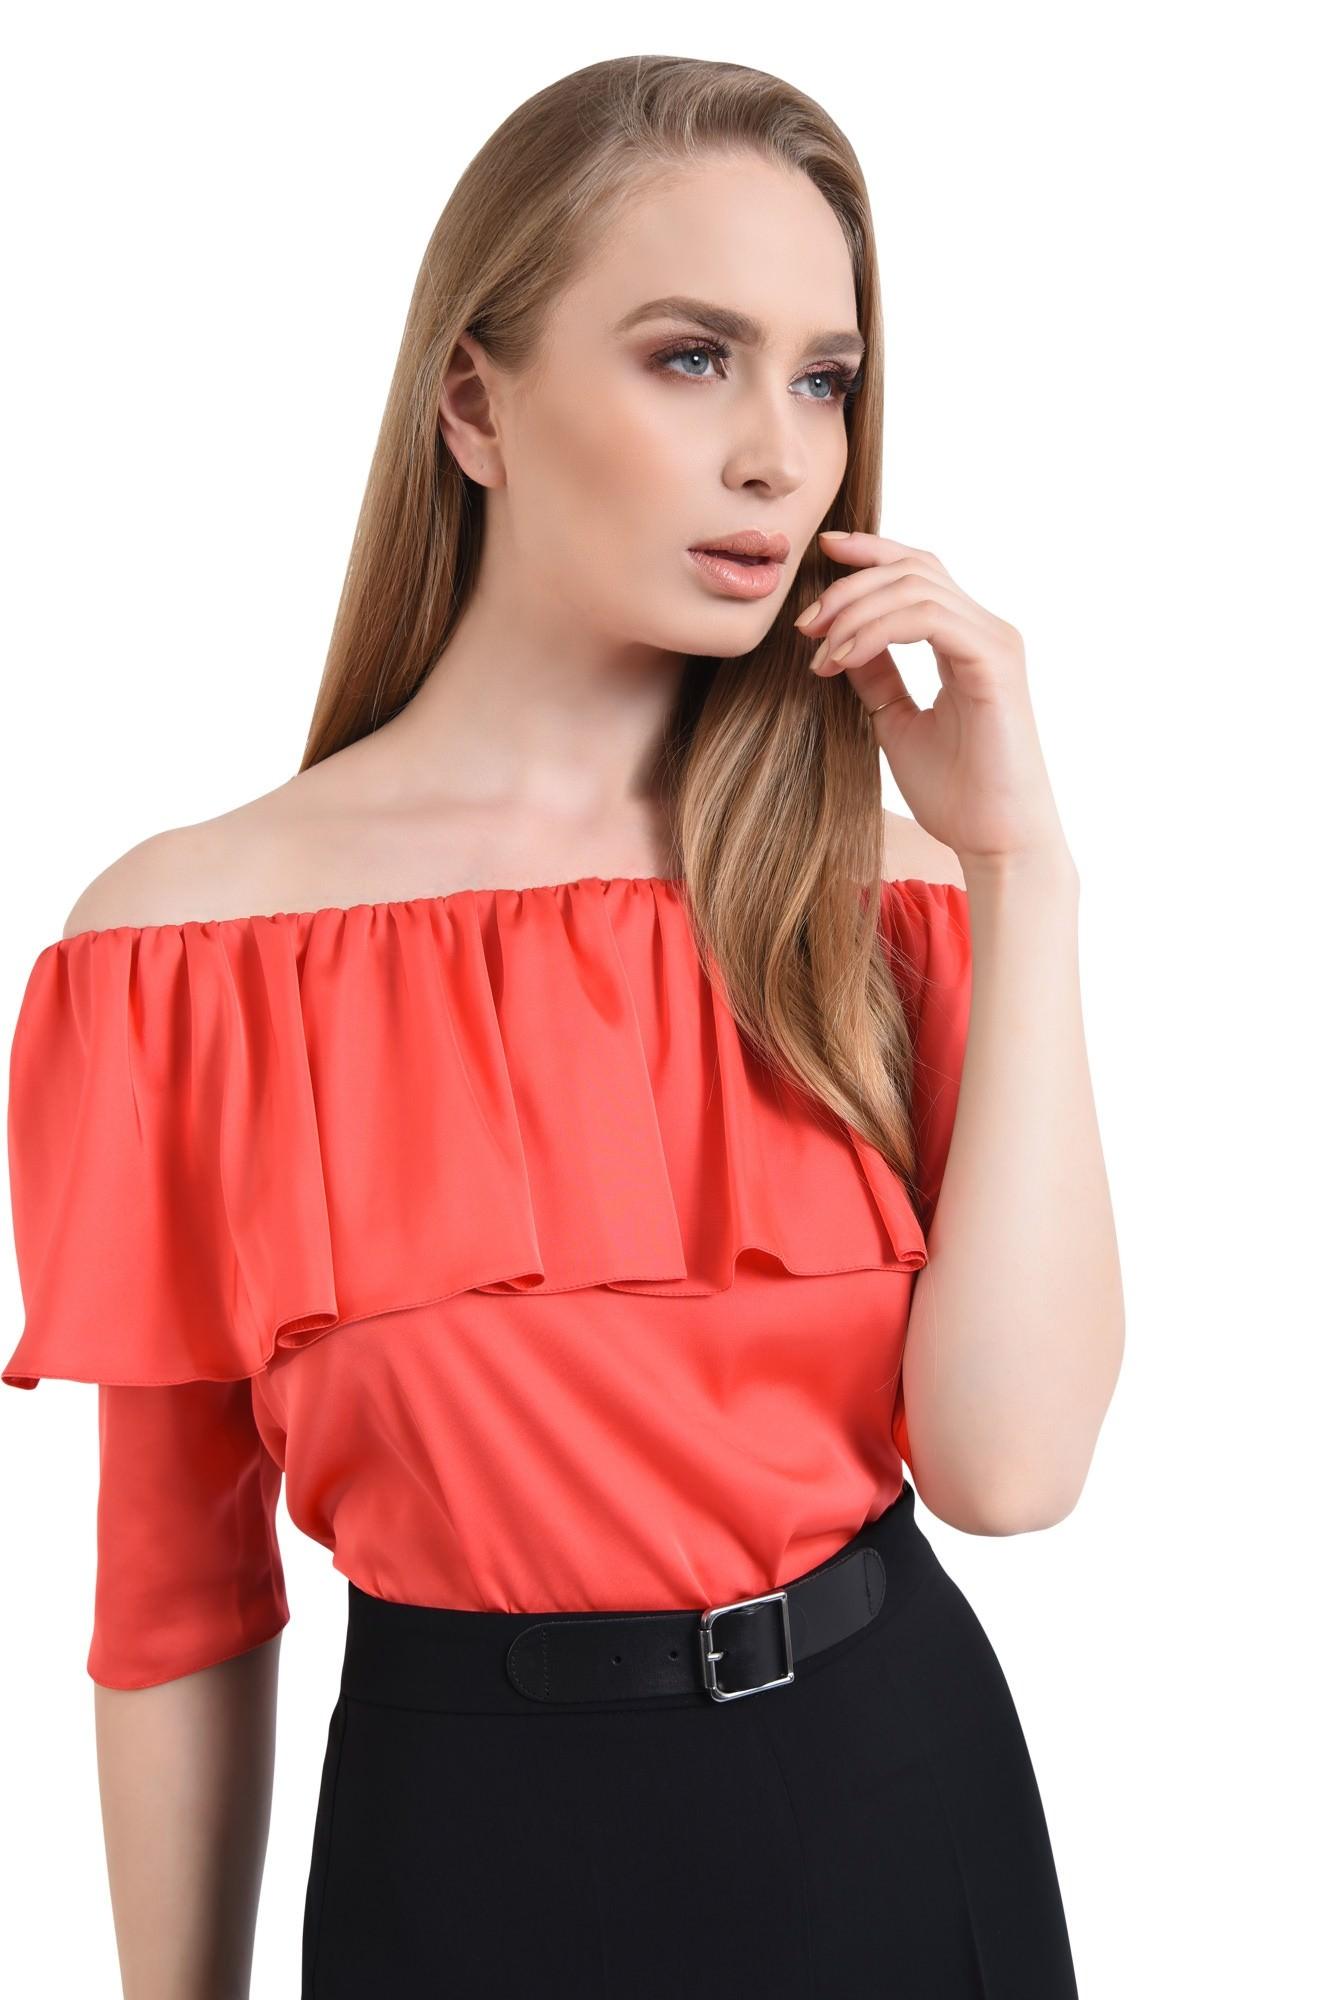 0 - Bluza eleganta, satin, rosu